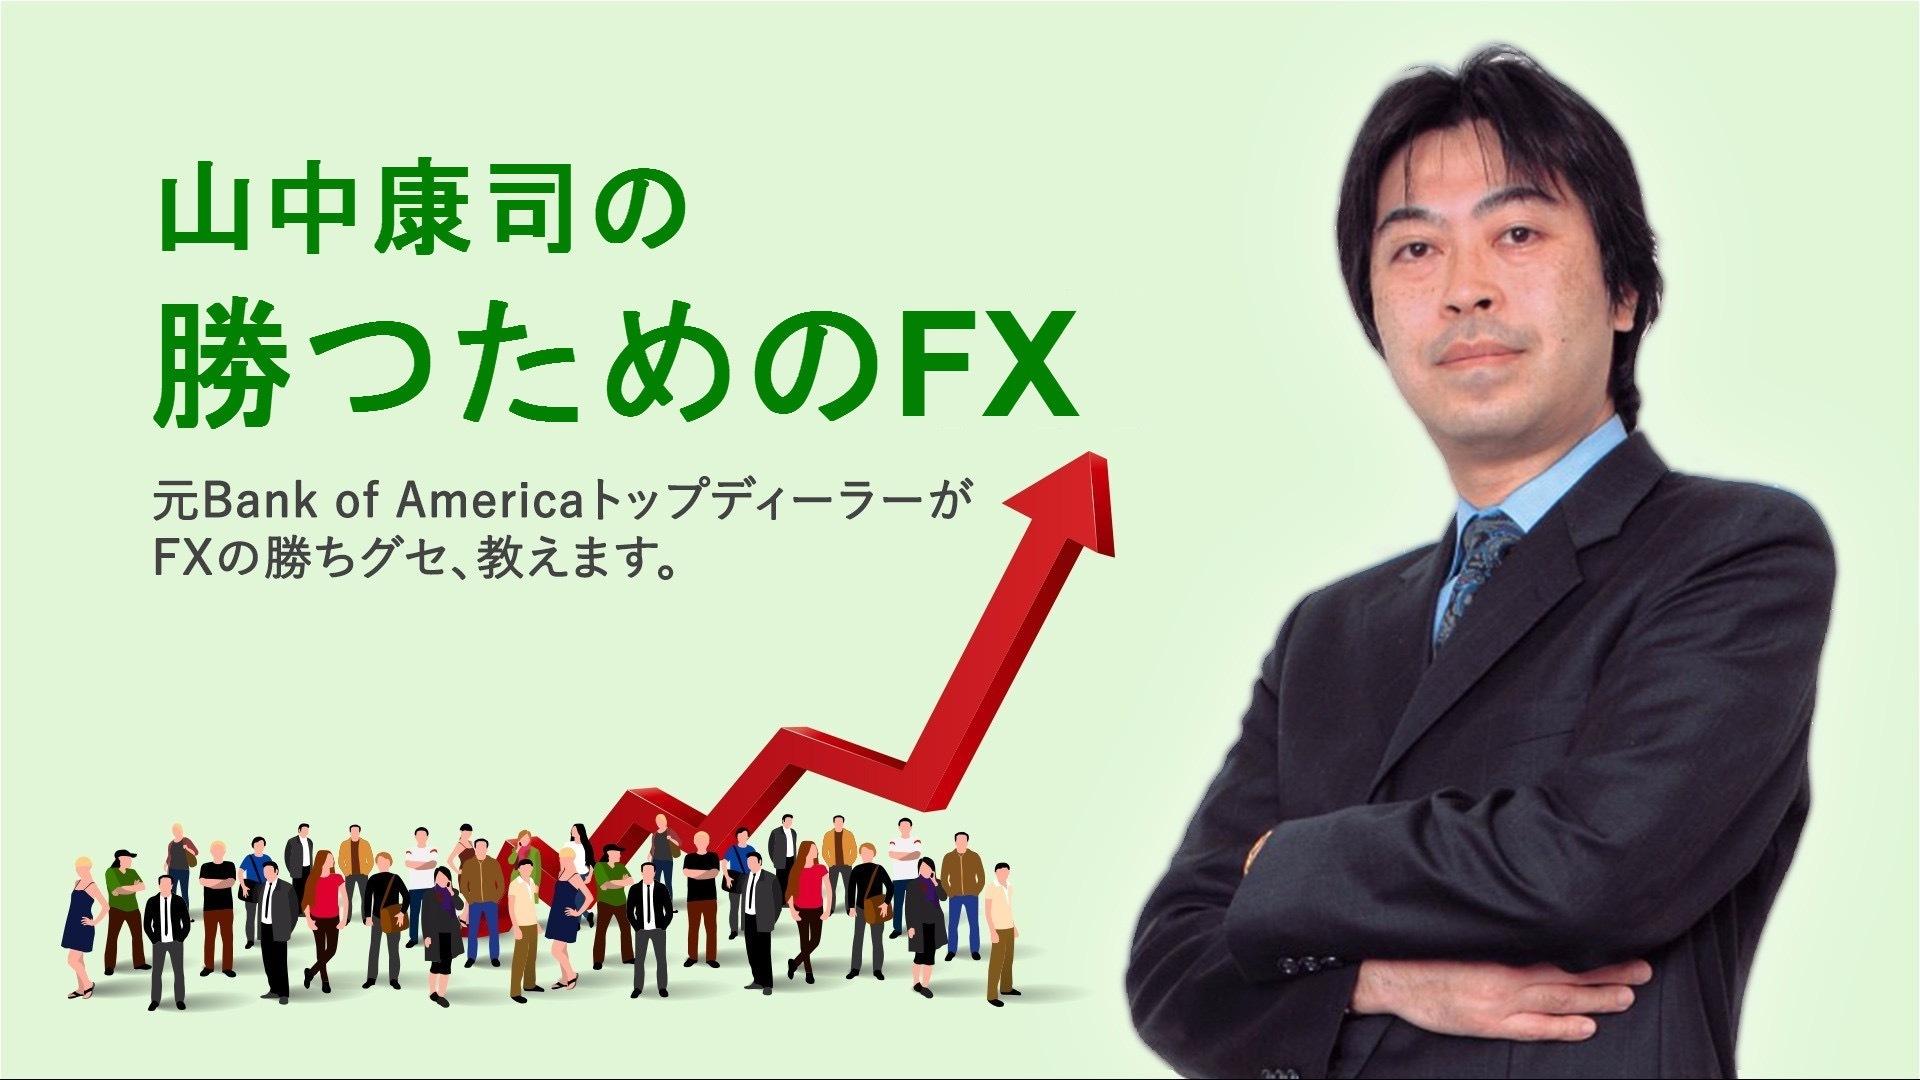 山中康司の「勝つためのFX」